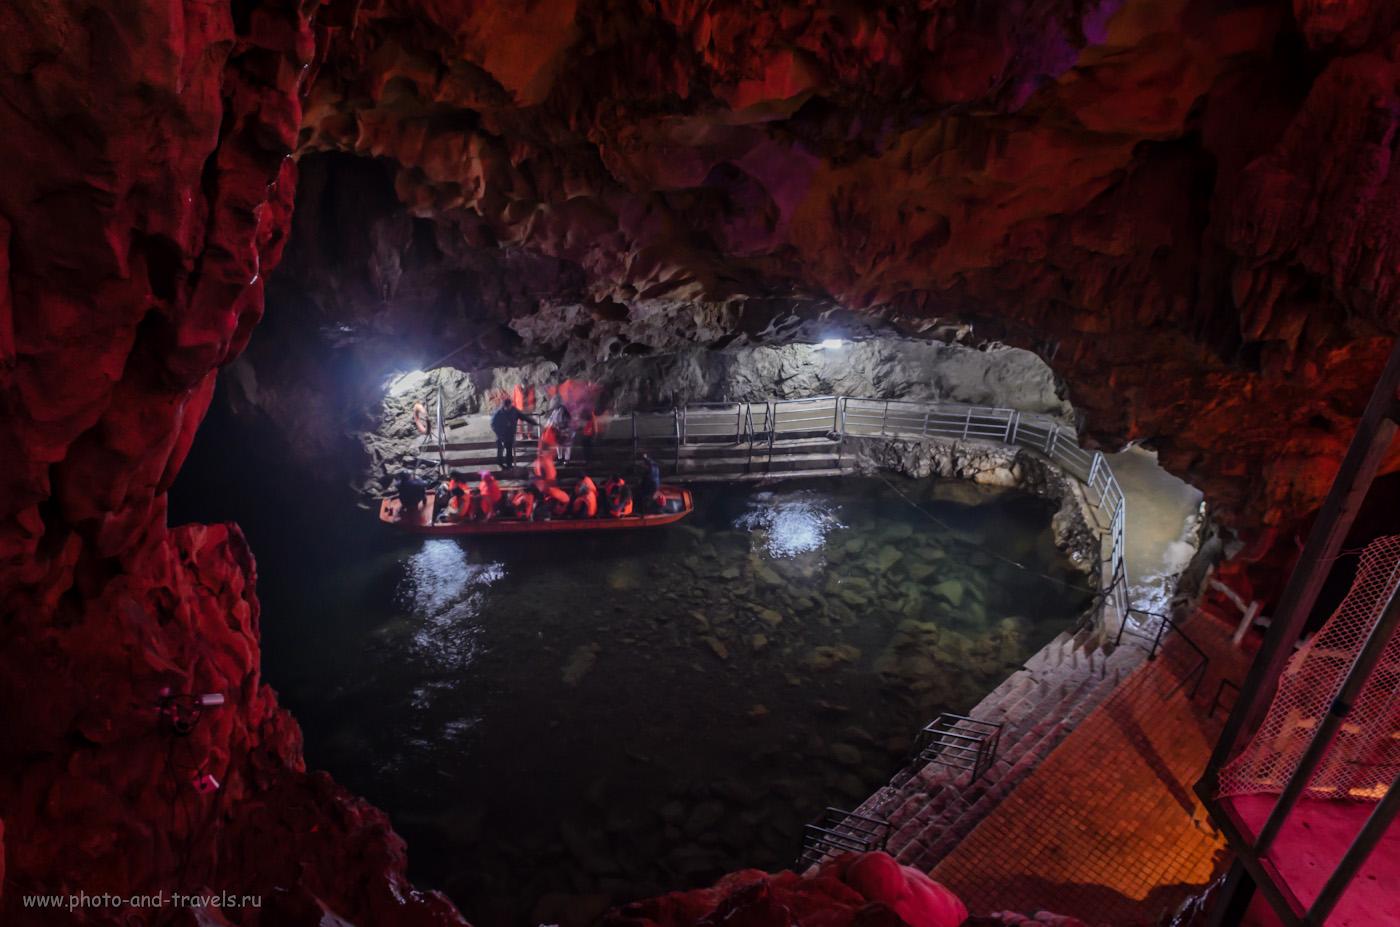 7. В пещере Короны в окрестностях Гуйлиня туристов катают на поезде и на лодках (3 секунды, f/9, 17mm, ISO 400). Отзывы об отдыхе в Китае